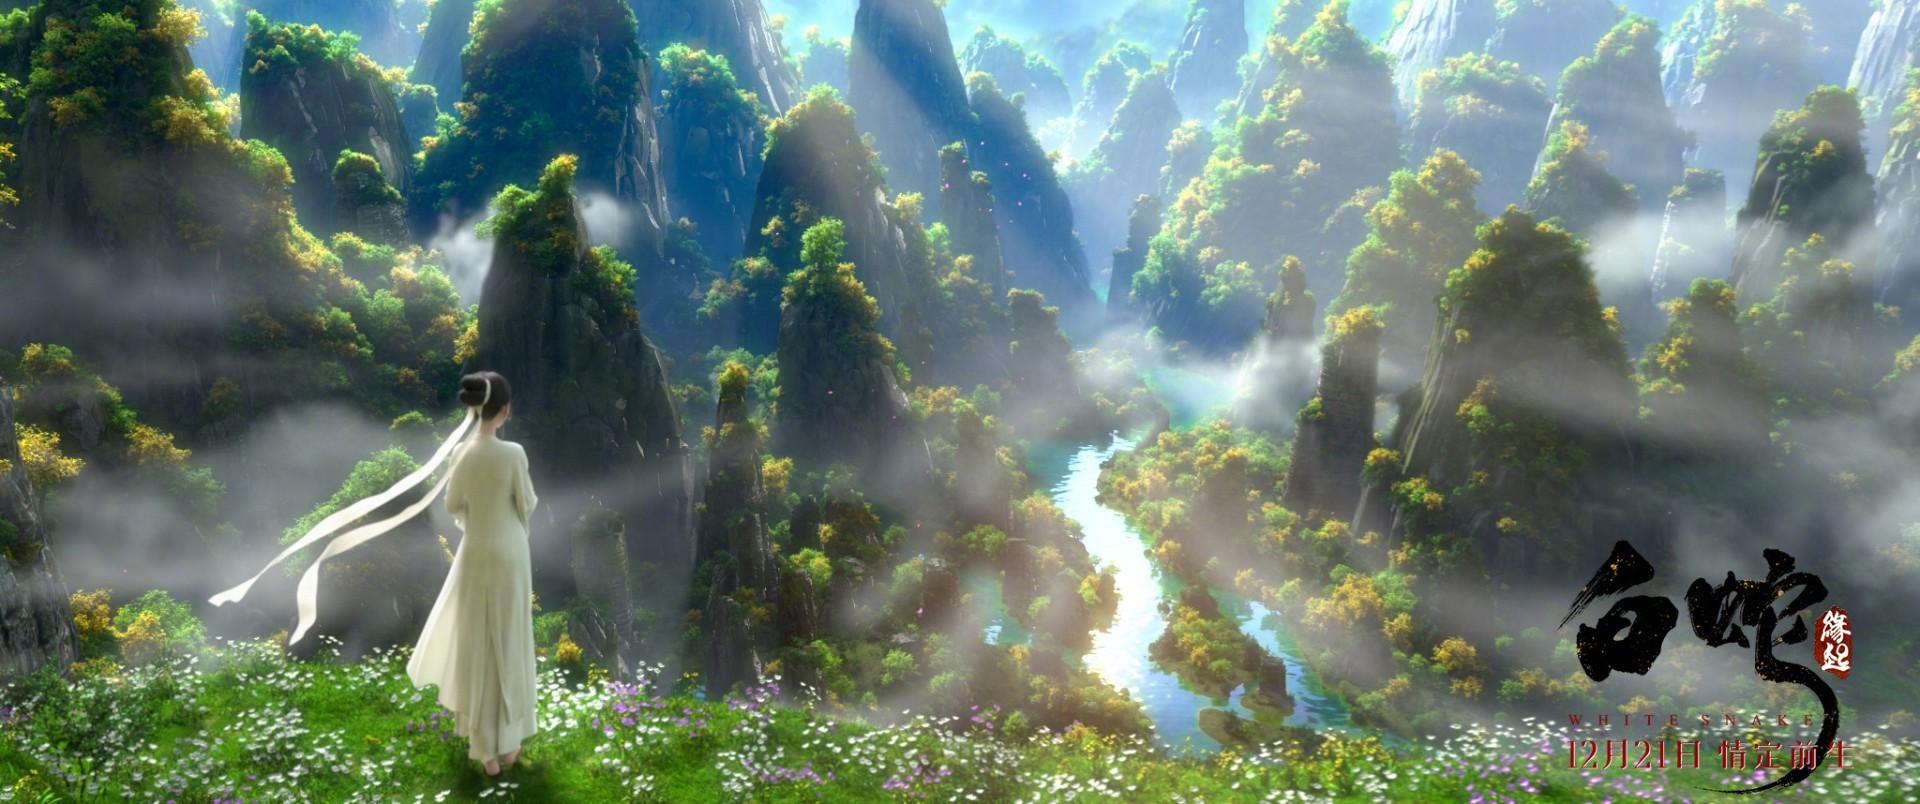 《白蛇:缘起》发布唯美剧照 中国风景大气秀丽